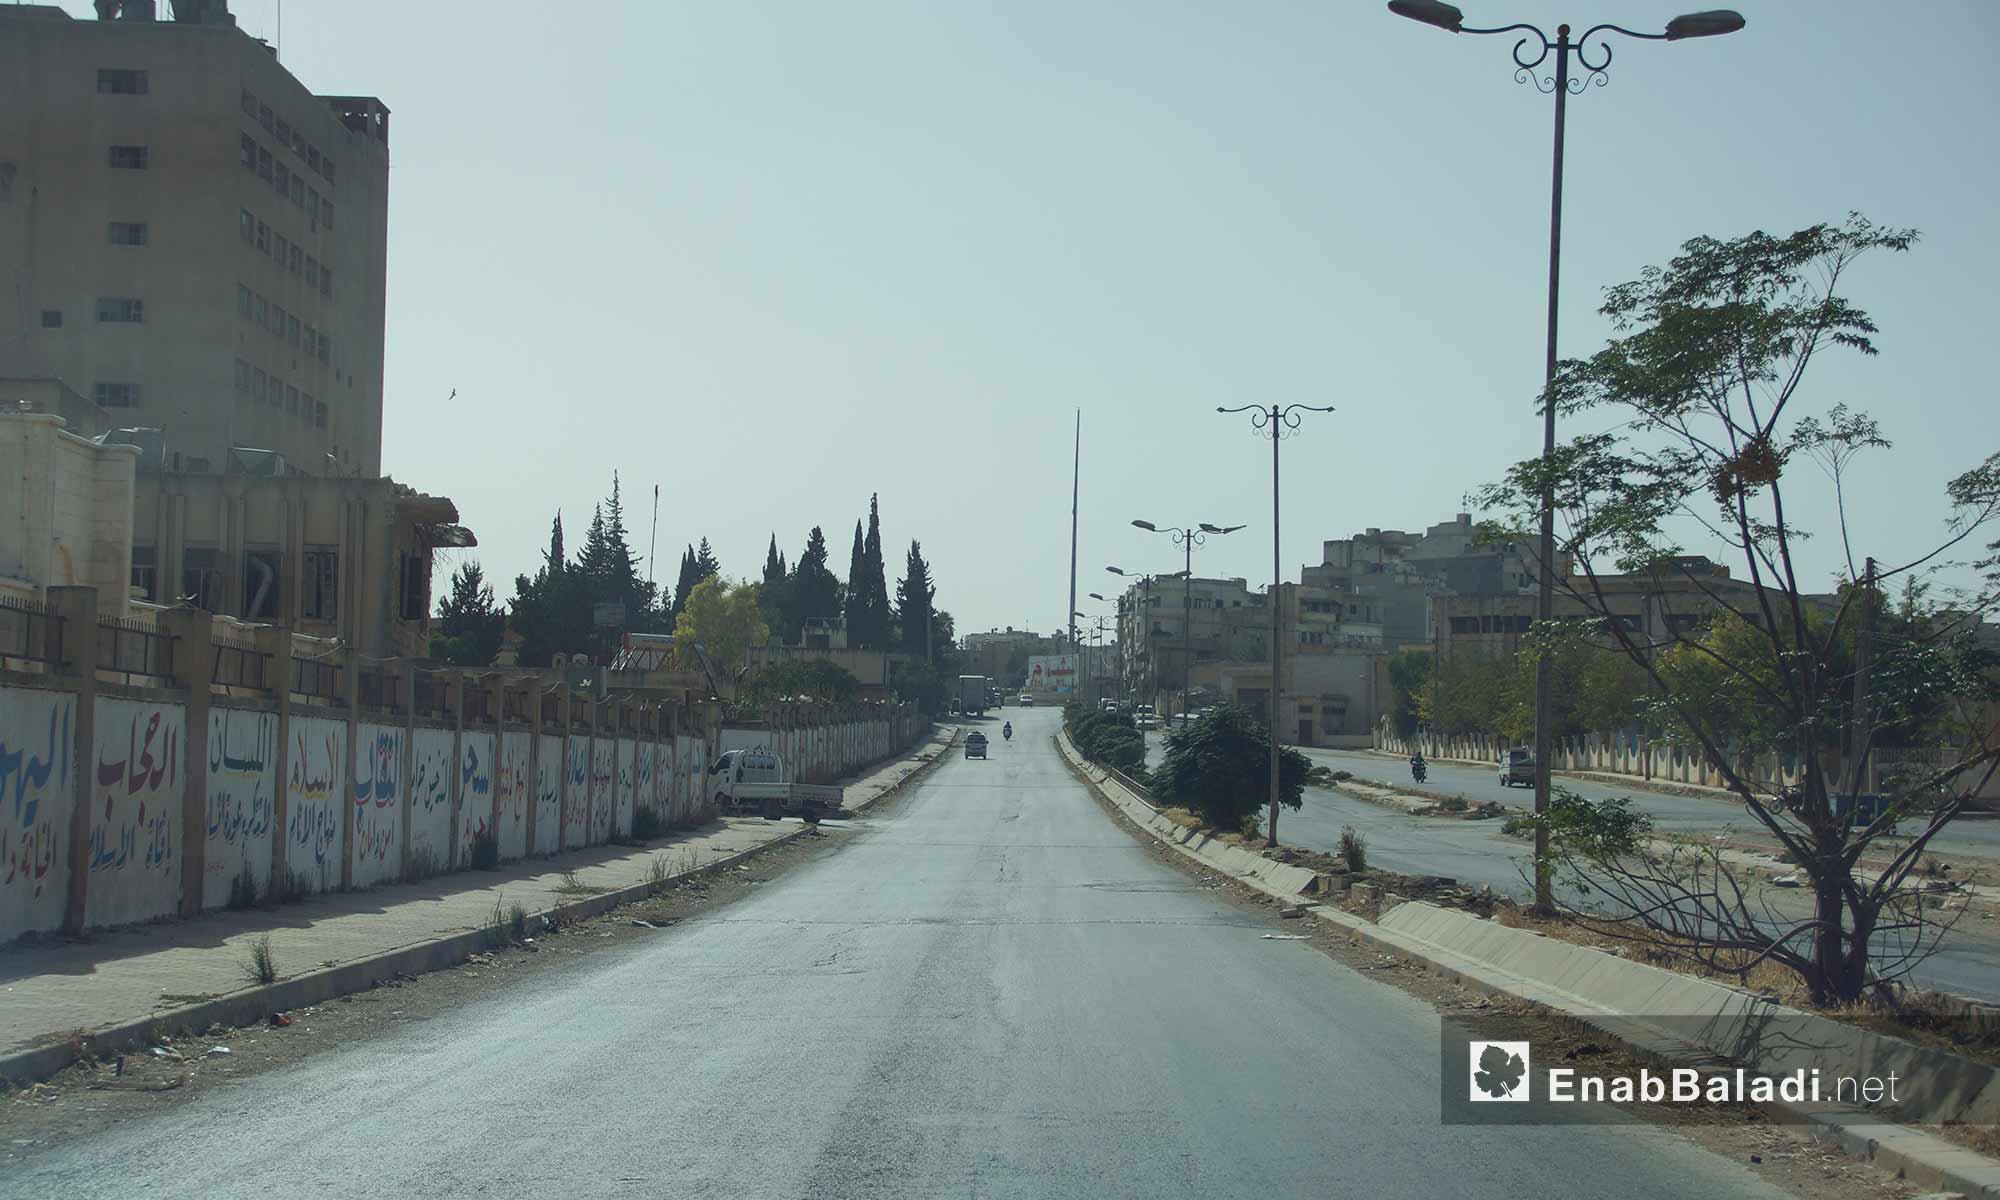 أول طريق إدلب من الجهة الشرقية - 14 تشرين الأول 2016 (عنب بلدي)